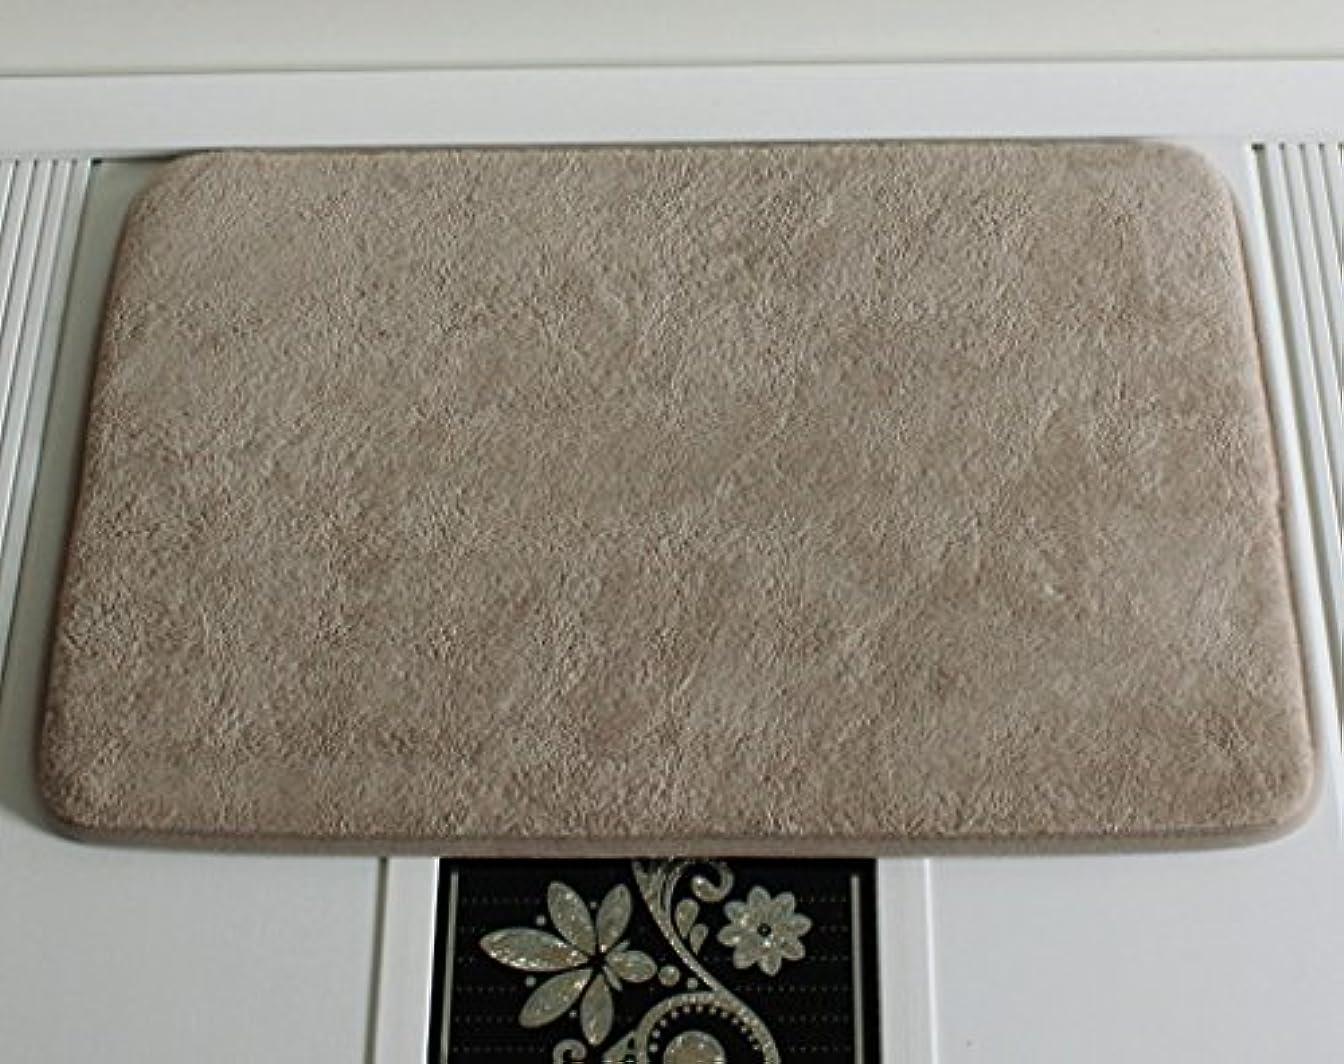 アブセイエーカー実質的にGYP ノンスリップマット吸収ロビーのドアマットマット小カーペットの寝室のドアのドアマットホームマットイントゥ ( 色 : E , サイズ さいず : 40*60センチメートル )